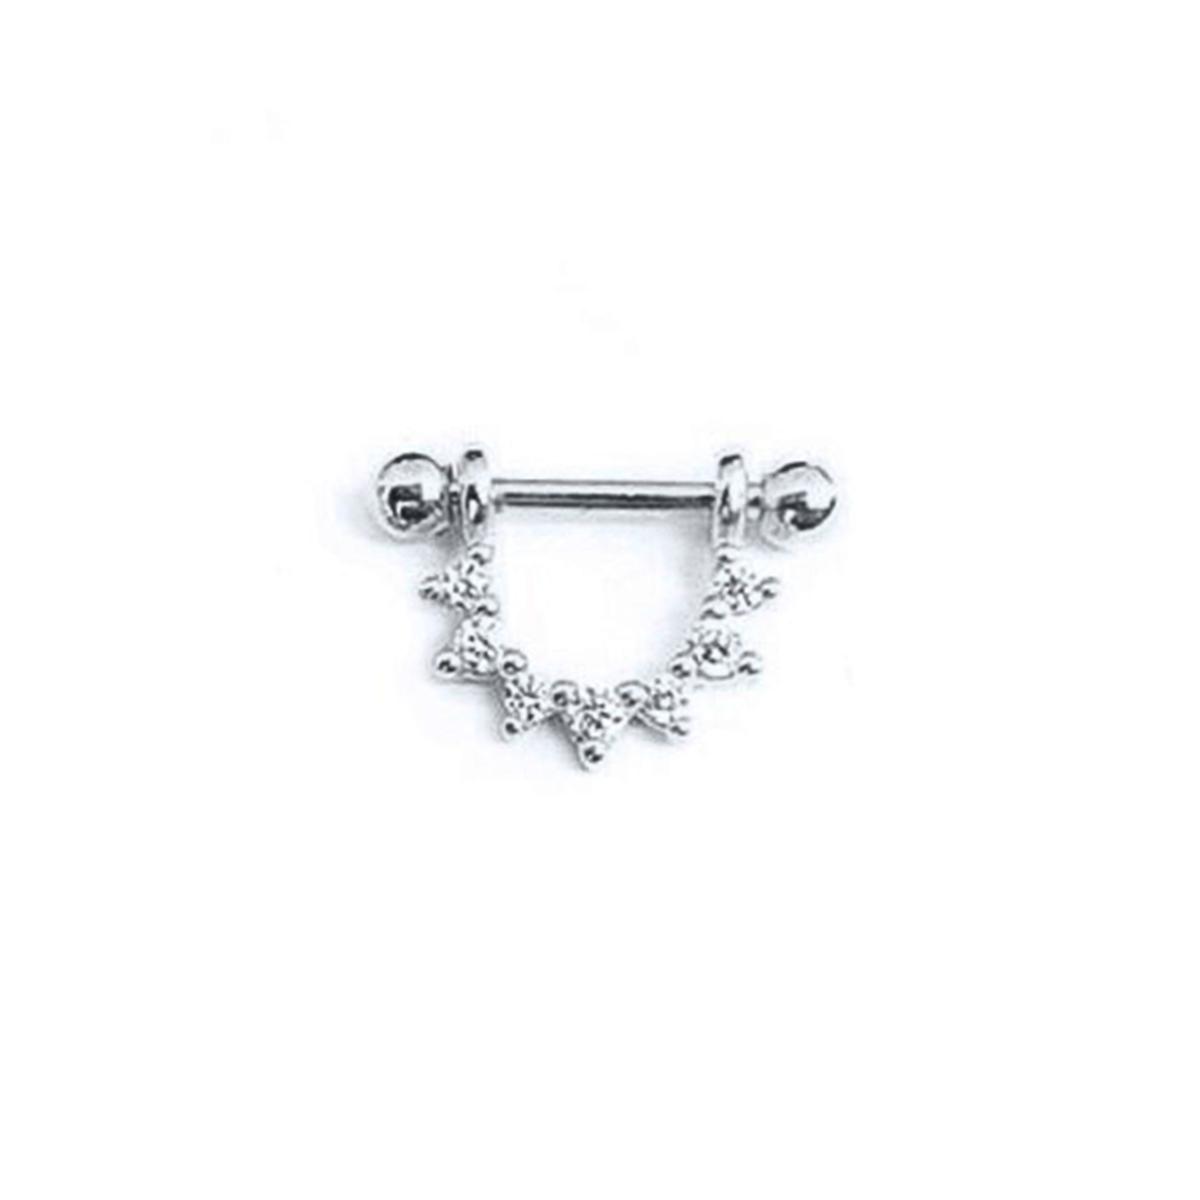 Piercing Trançado Para Helix - Prata 925